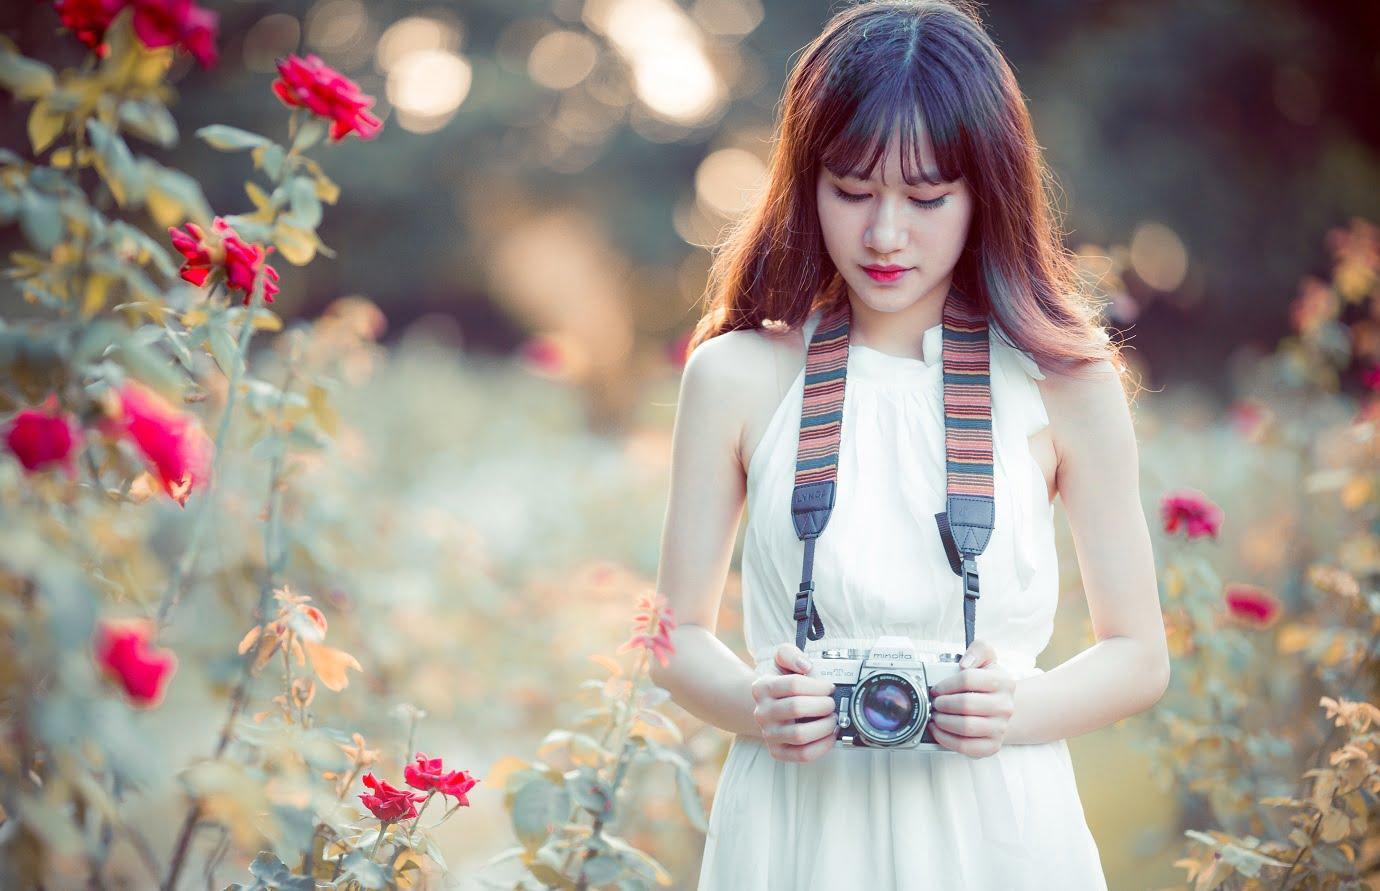 anh chup hoa hong 5 - [Br-Art] Cô bé bên vườn hoa hồng nhỏ